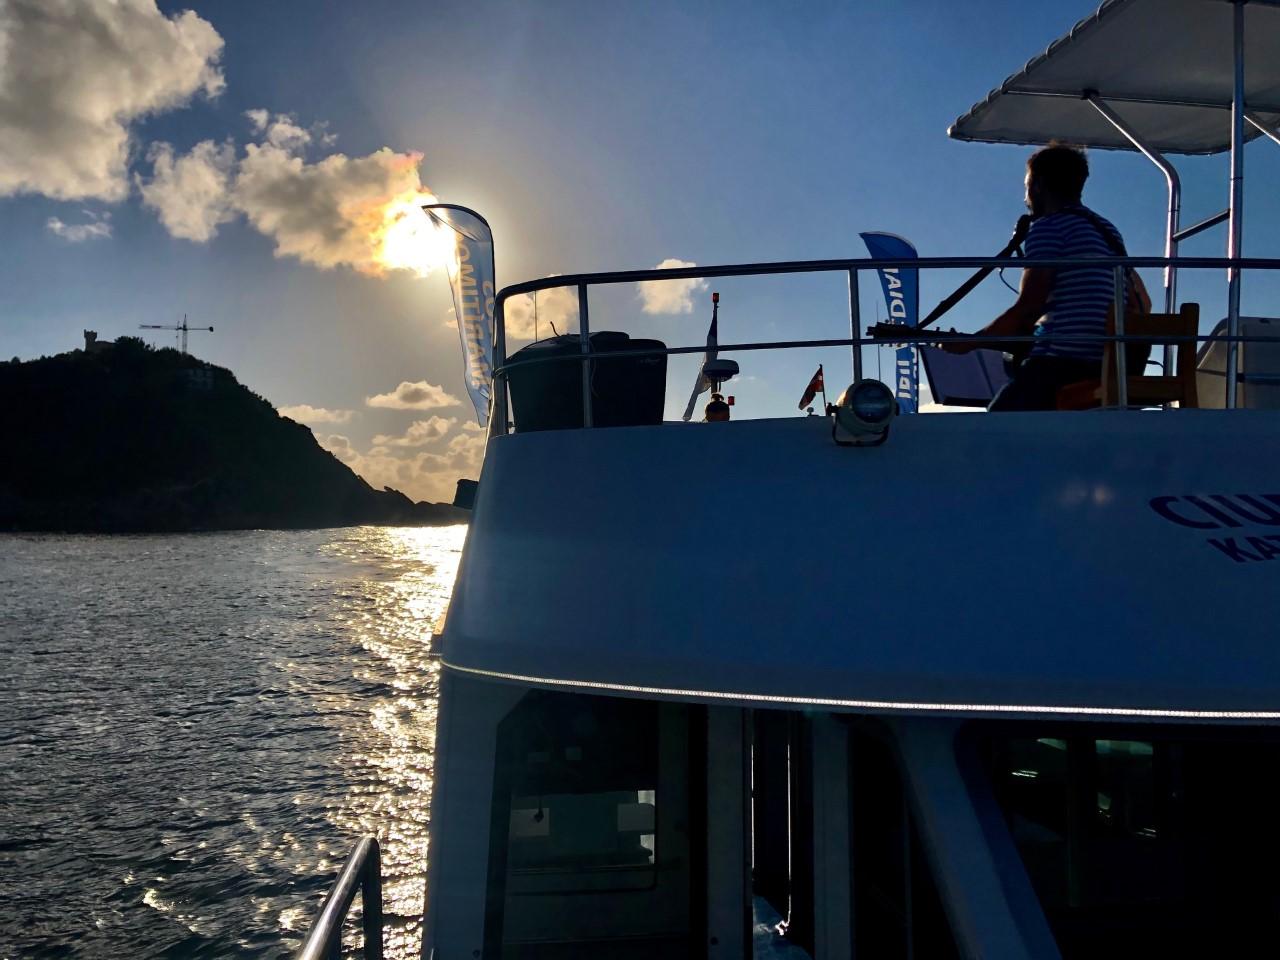 ciudad-san-sebastian-catamaran-promenade-concert